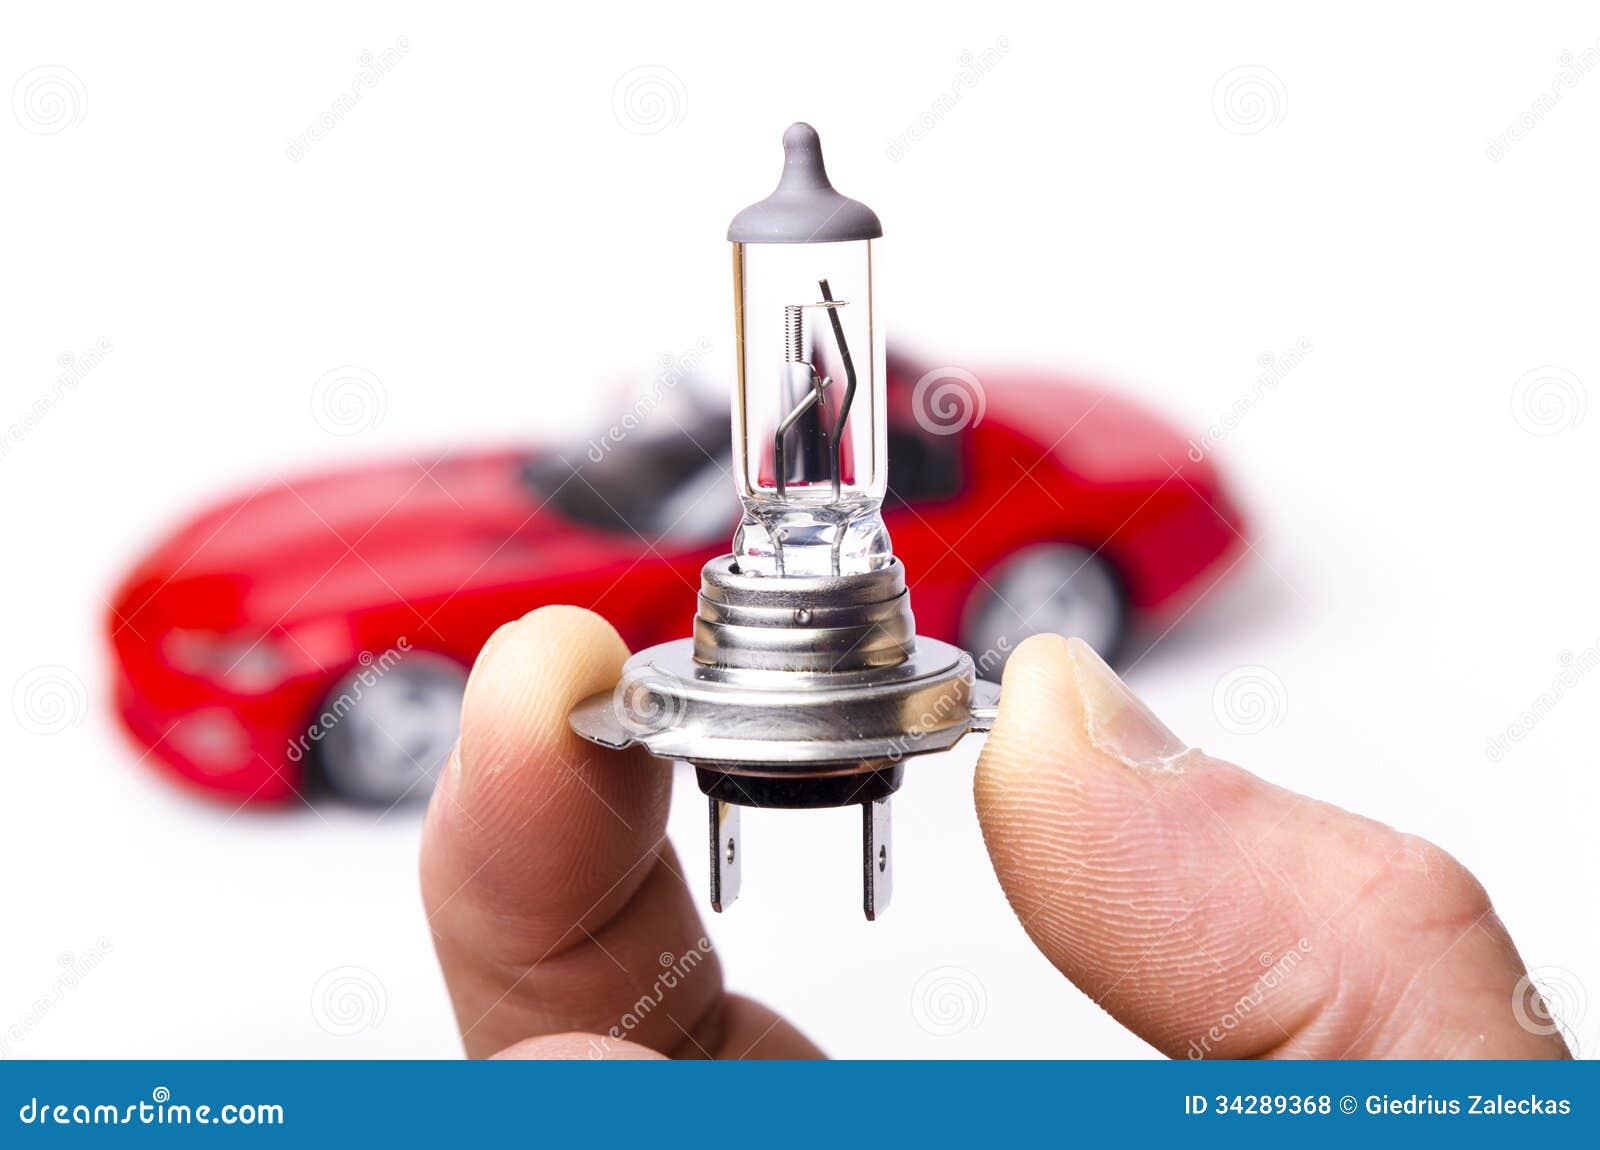 Можно ли установить в фары Hyundai Accent лампочки большей мощности